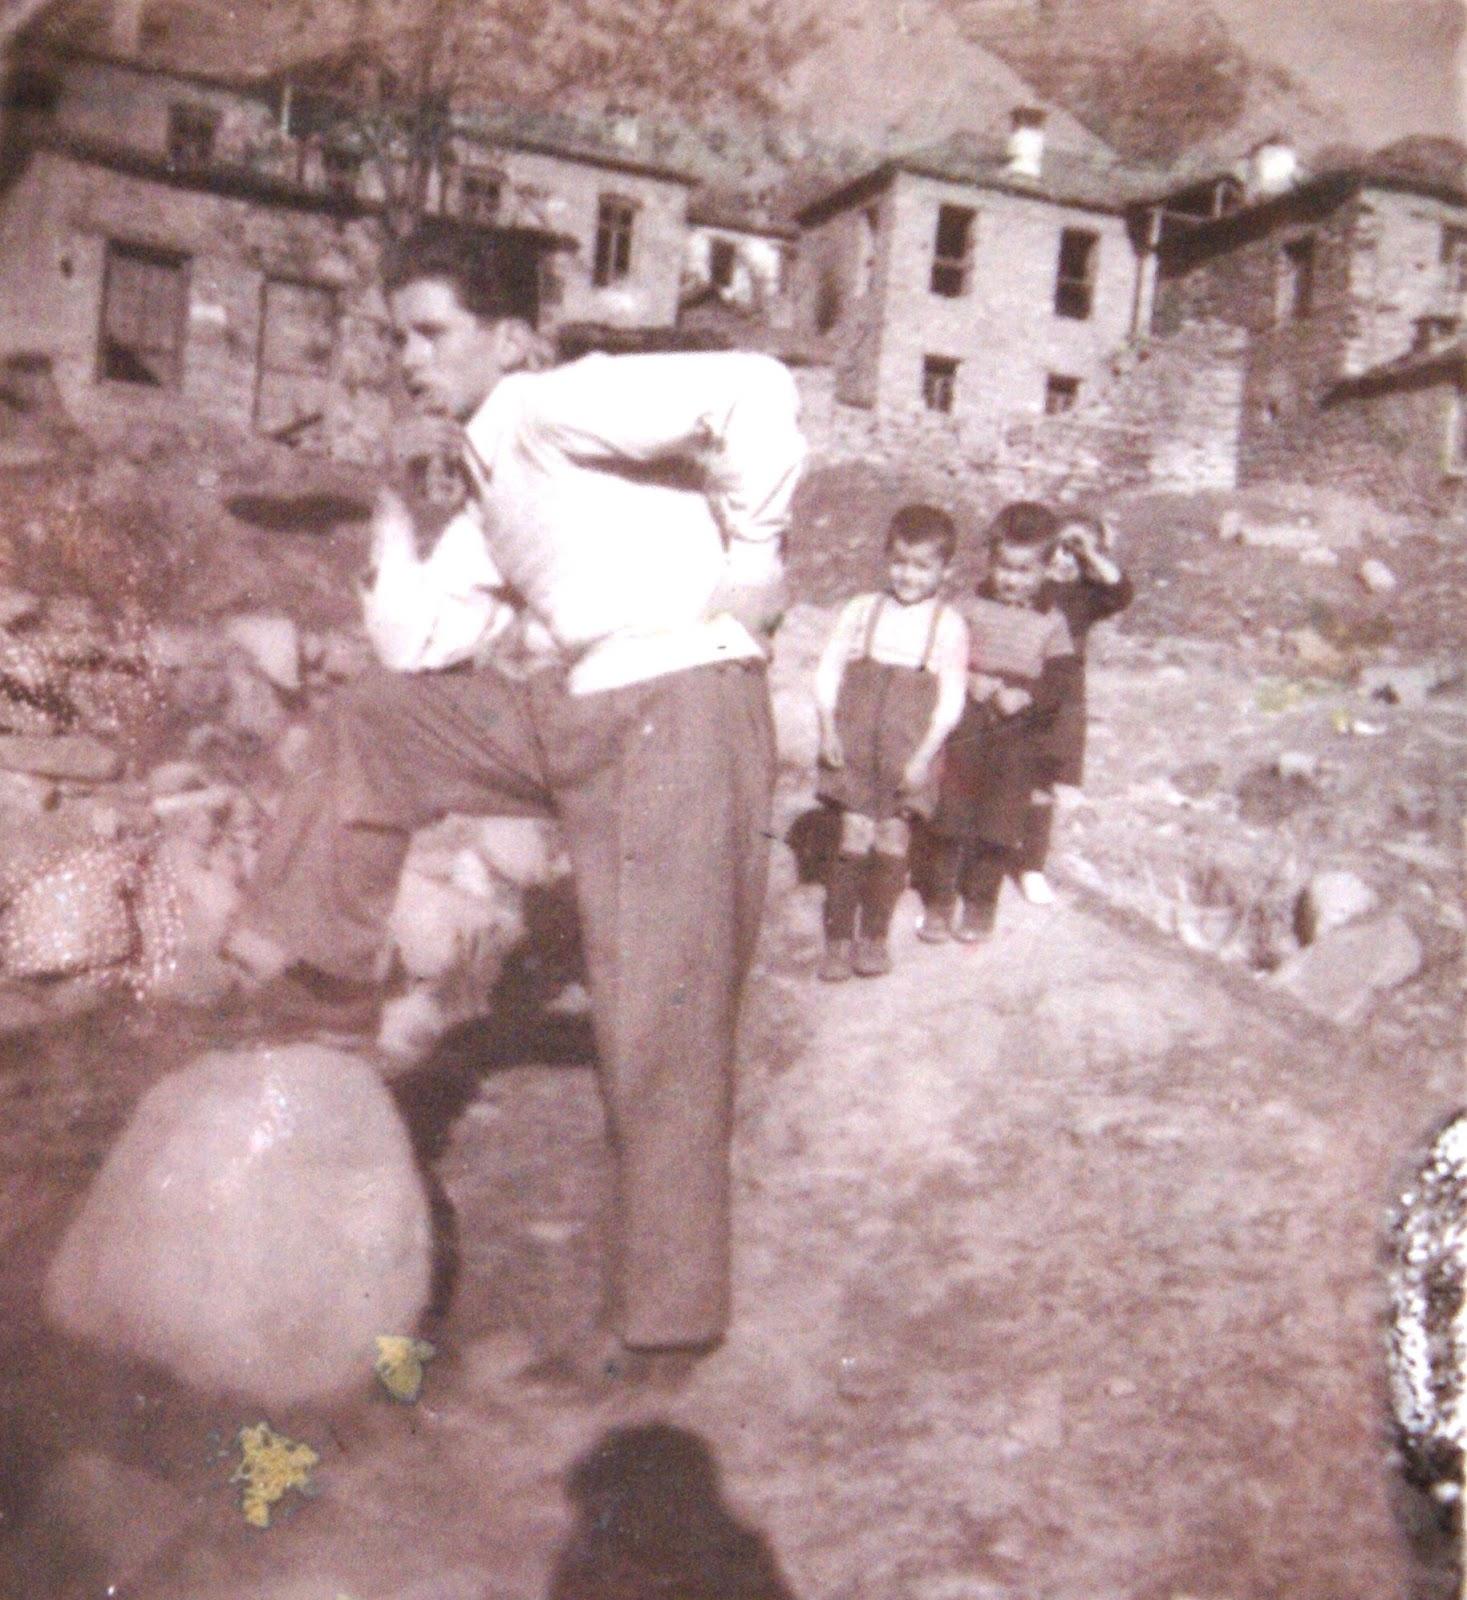 ΤΣΟΥΜΑΝΗΣ 19-2-1950 ΑΠΟΚΡΙΕΣ .JPG